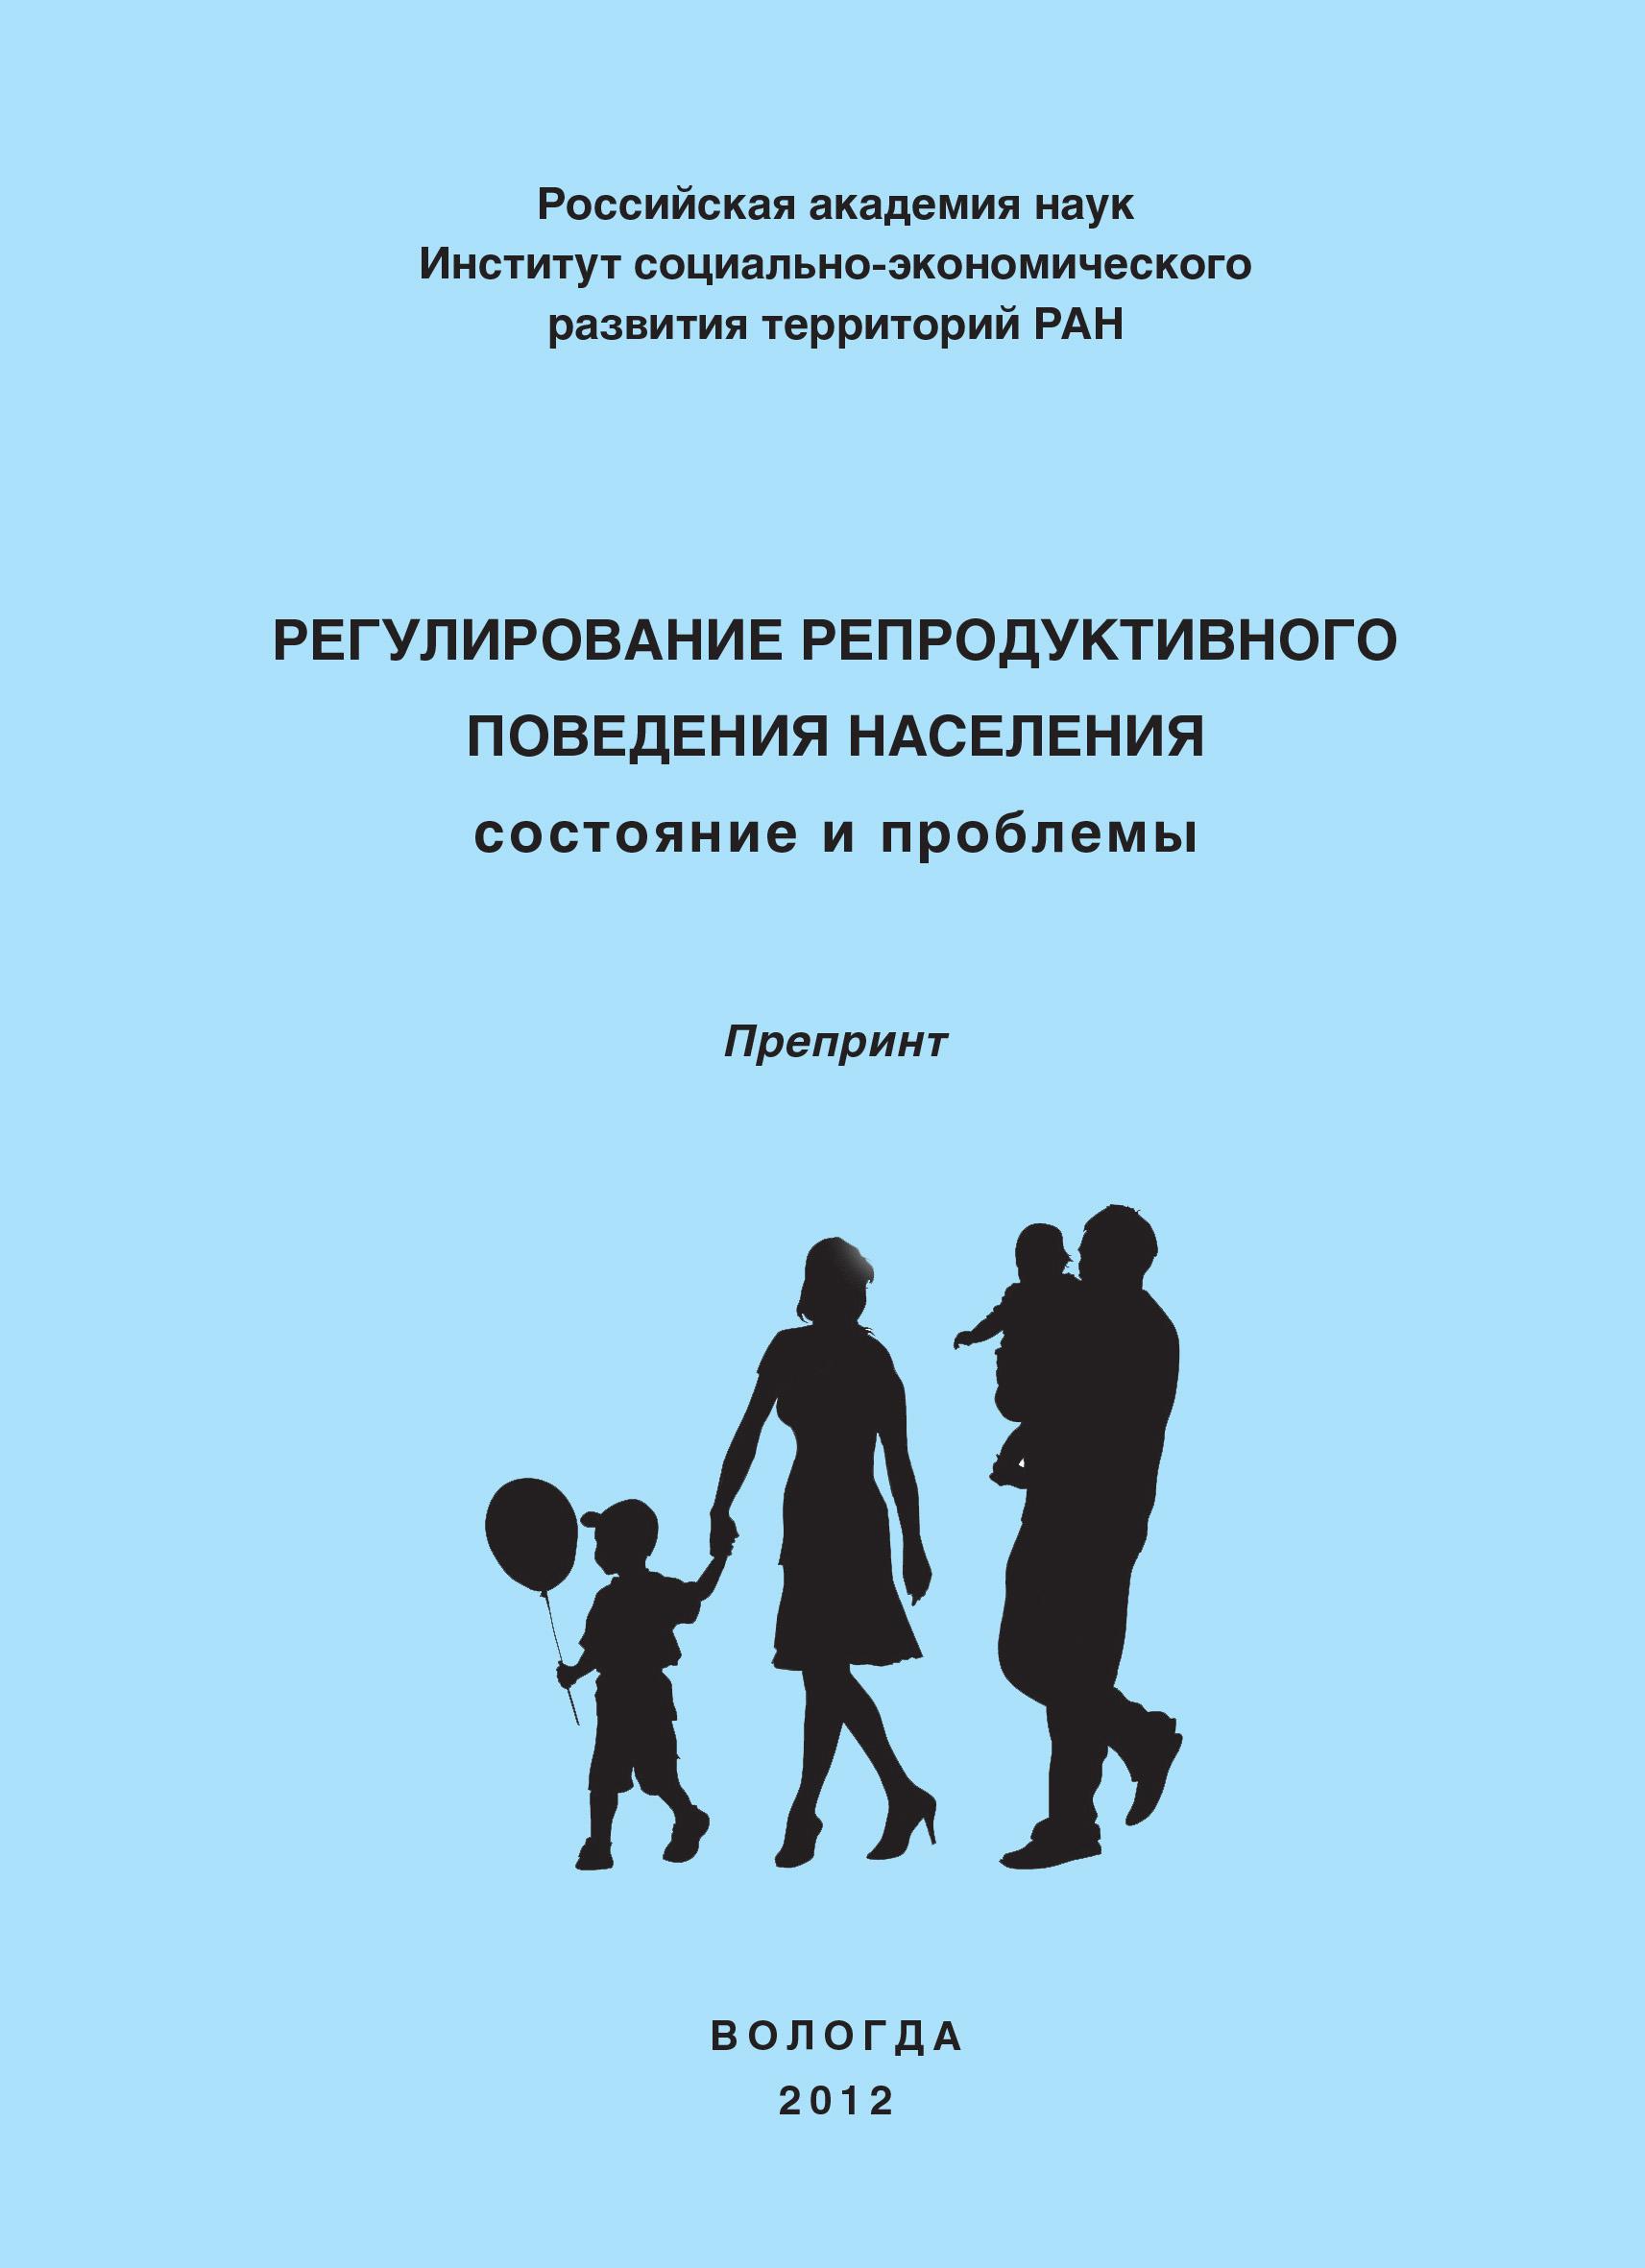 Регулирование репродуктивного поведения населения